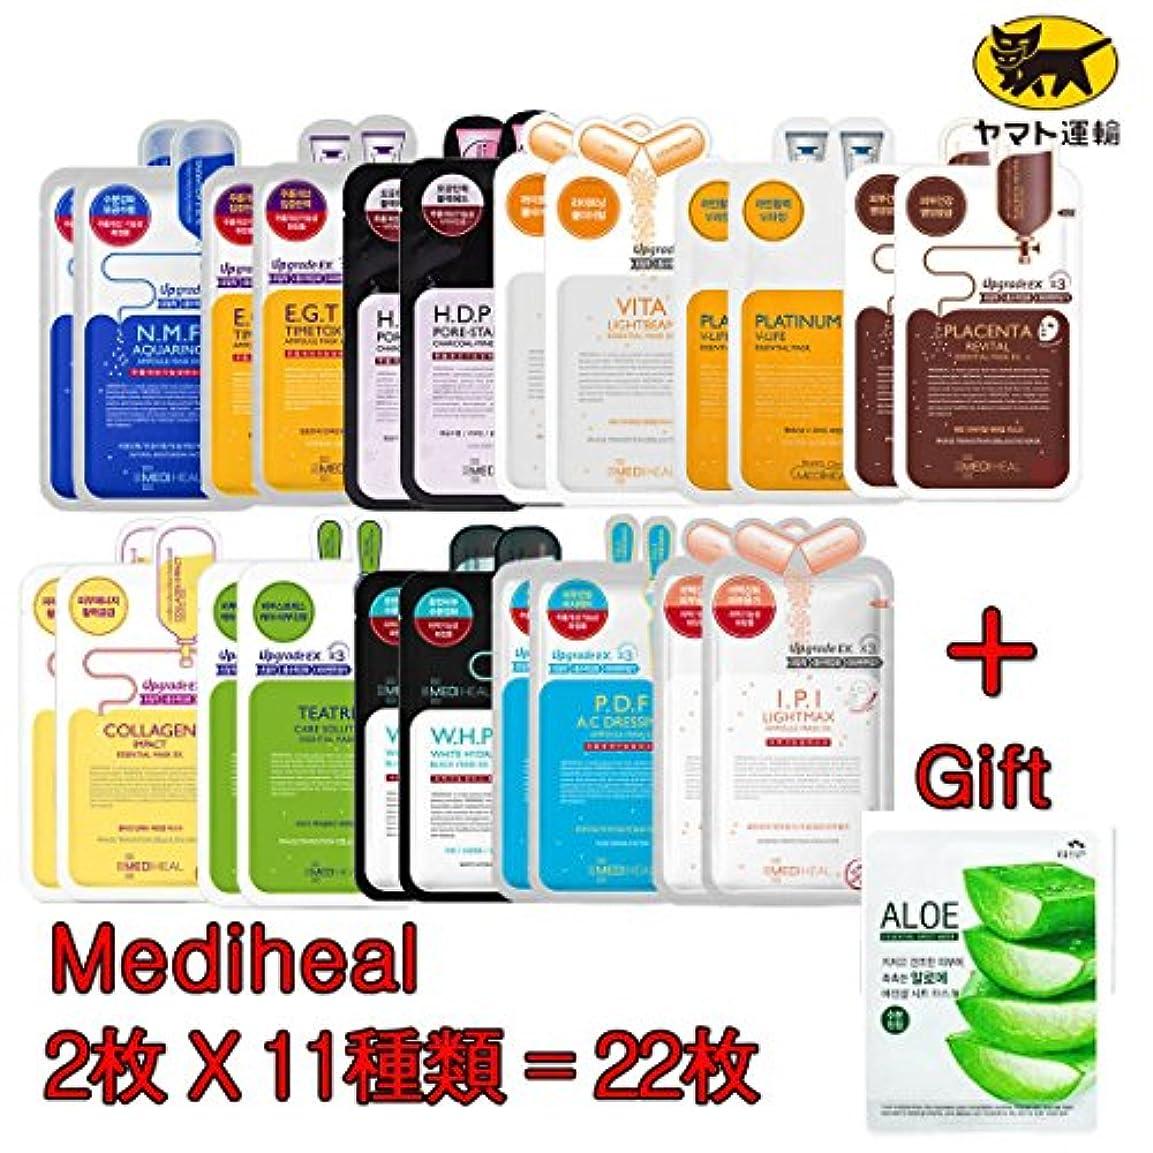 ロバ崖神話メディヒール(Mediheal) 11種類 X 各2枚ずつ = 全22枚 + Aloe Mask Pack